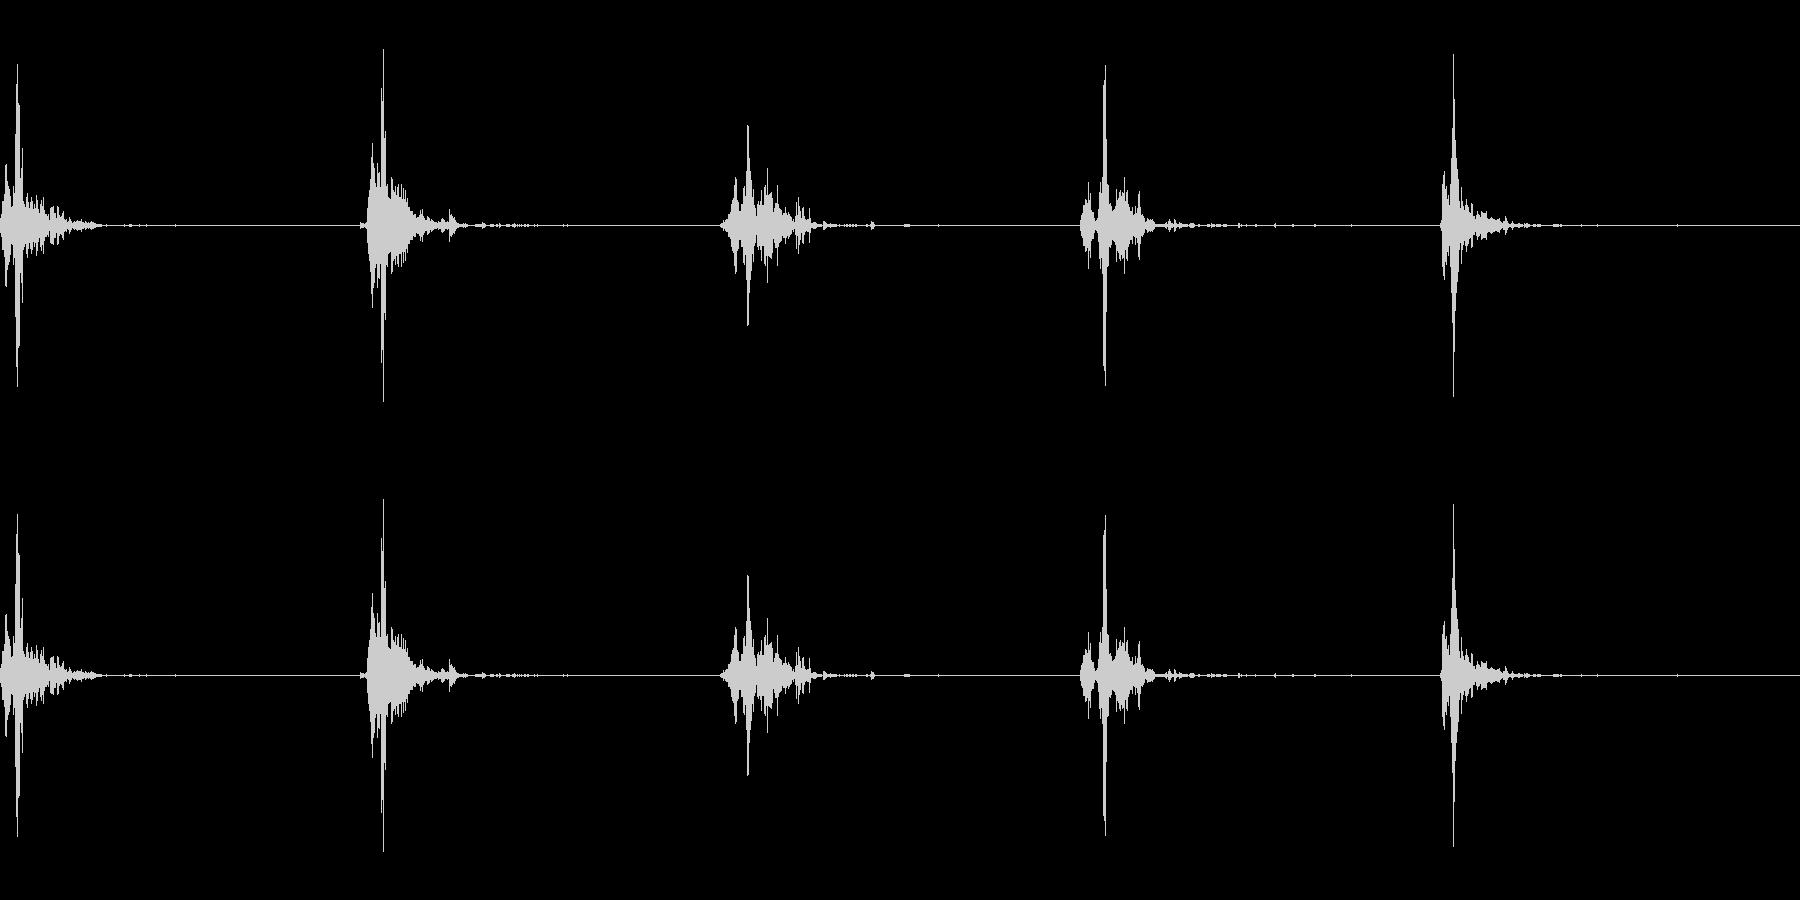 神楽鈴(小)を強く振って鳴らした音の未再生の波形